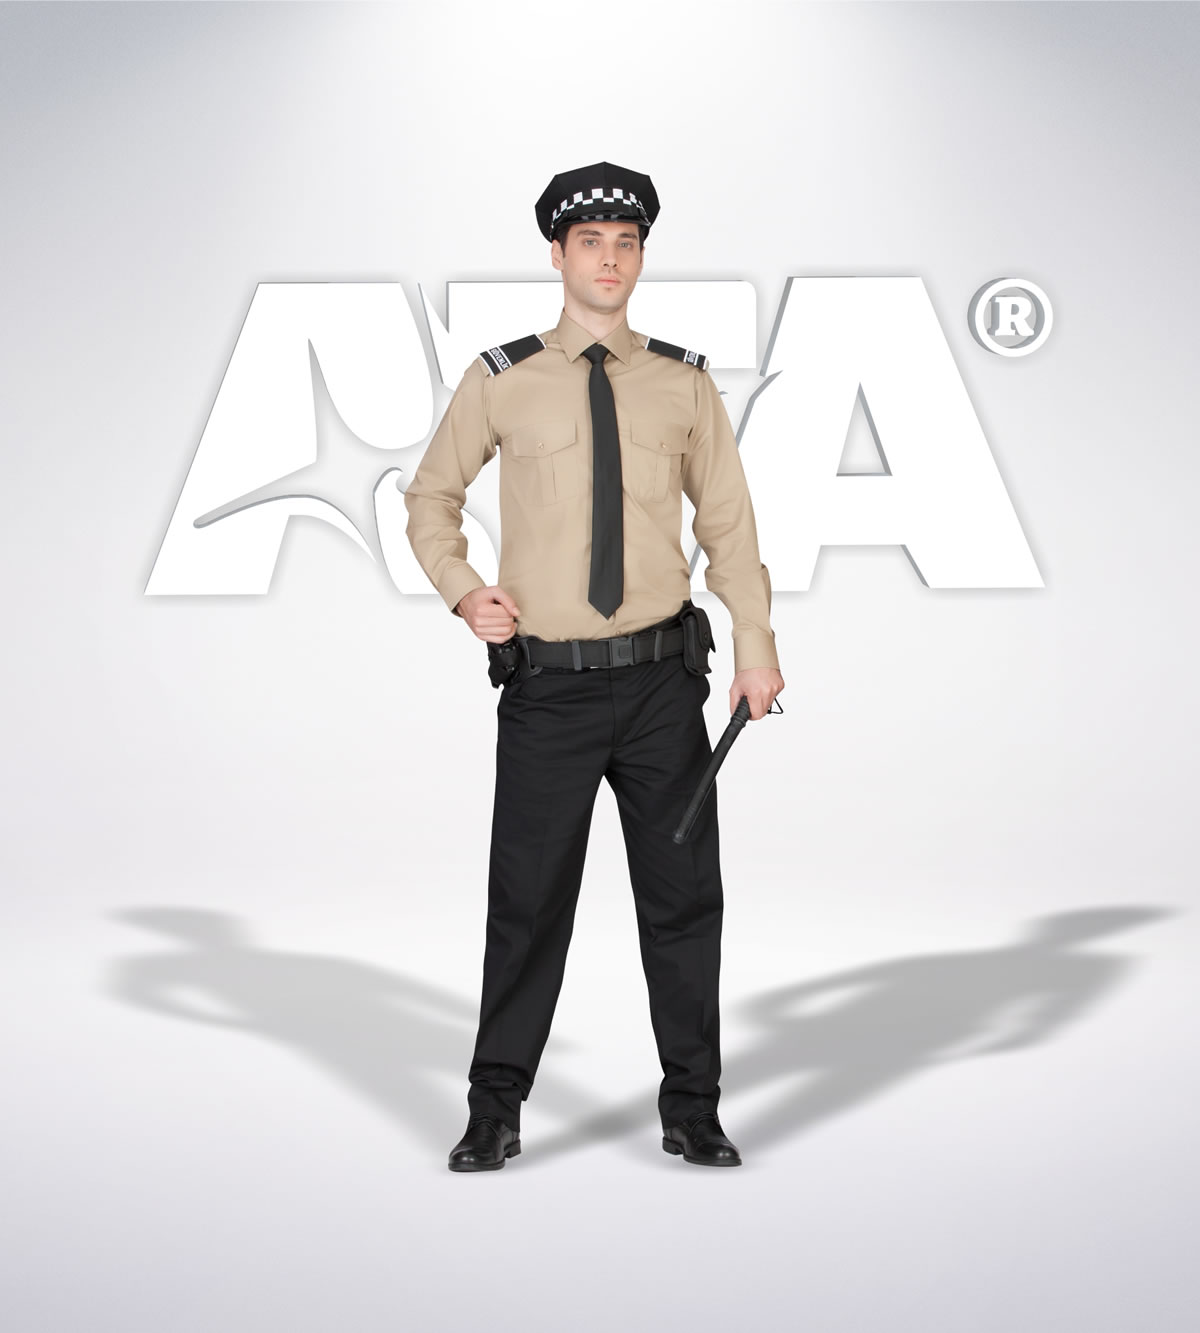 ATA 139 - Pantolon kışlık - gömlek yazlık-kışlık - aksesuar - güvenlik elbiseleri | güvenlik üniformaları | güvenlik kıyafetleri